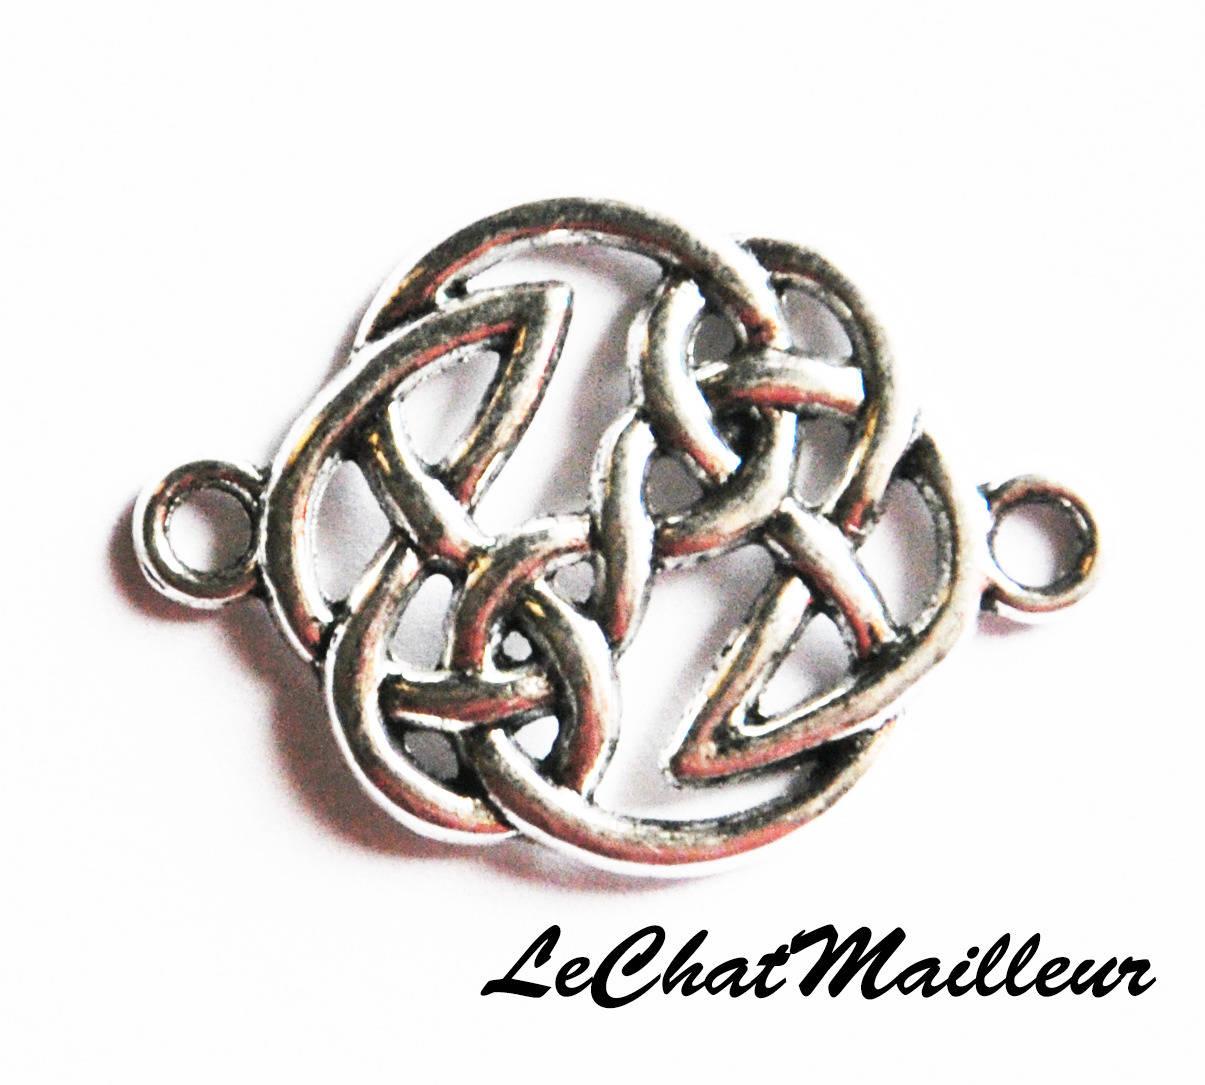 Connecteur de bijoux noeud celtique en métal argenté 29mm x 20mm breton viking celte (M013)